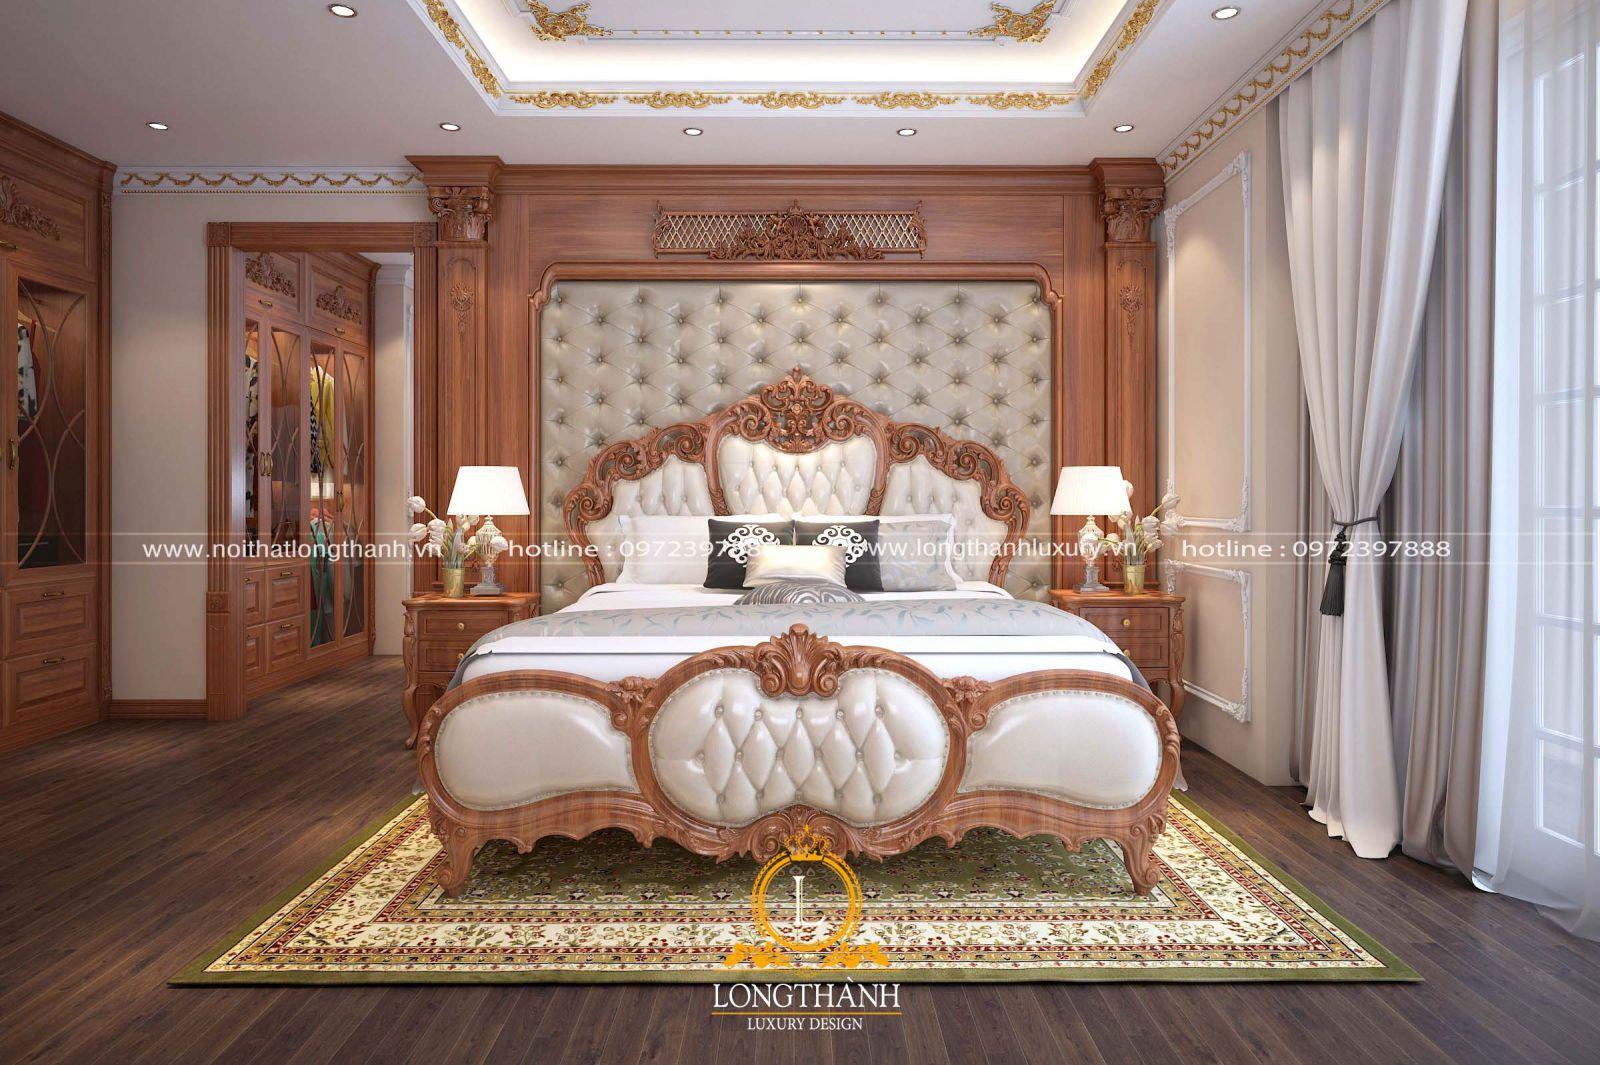 Vị trí đặt giường ngủ trong phòng ngủ master